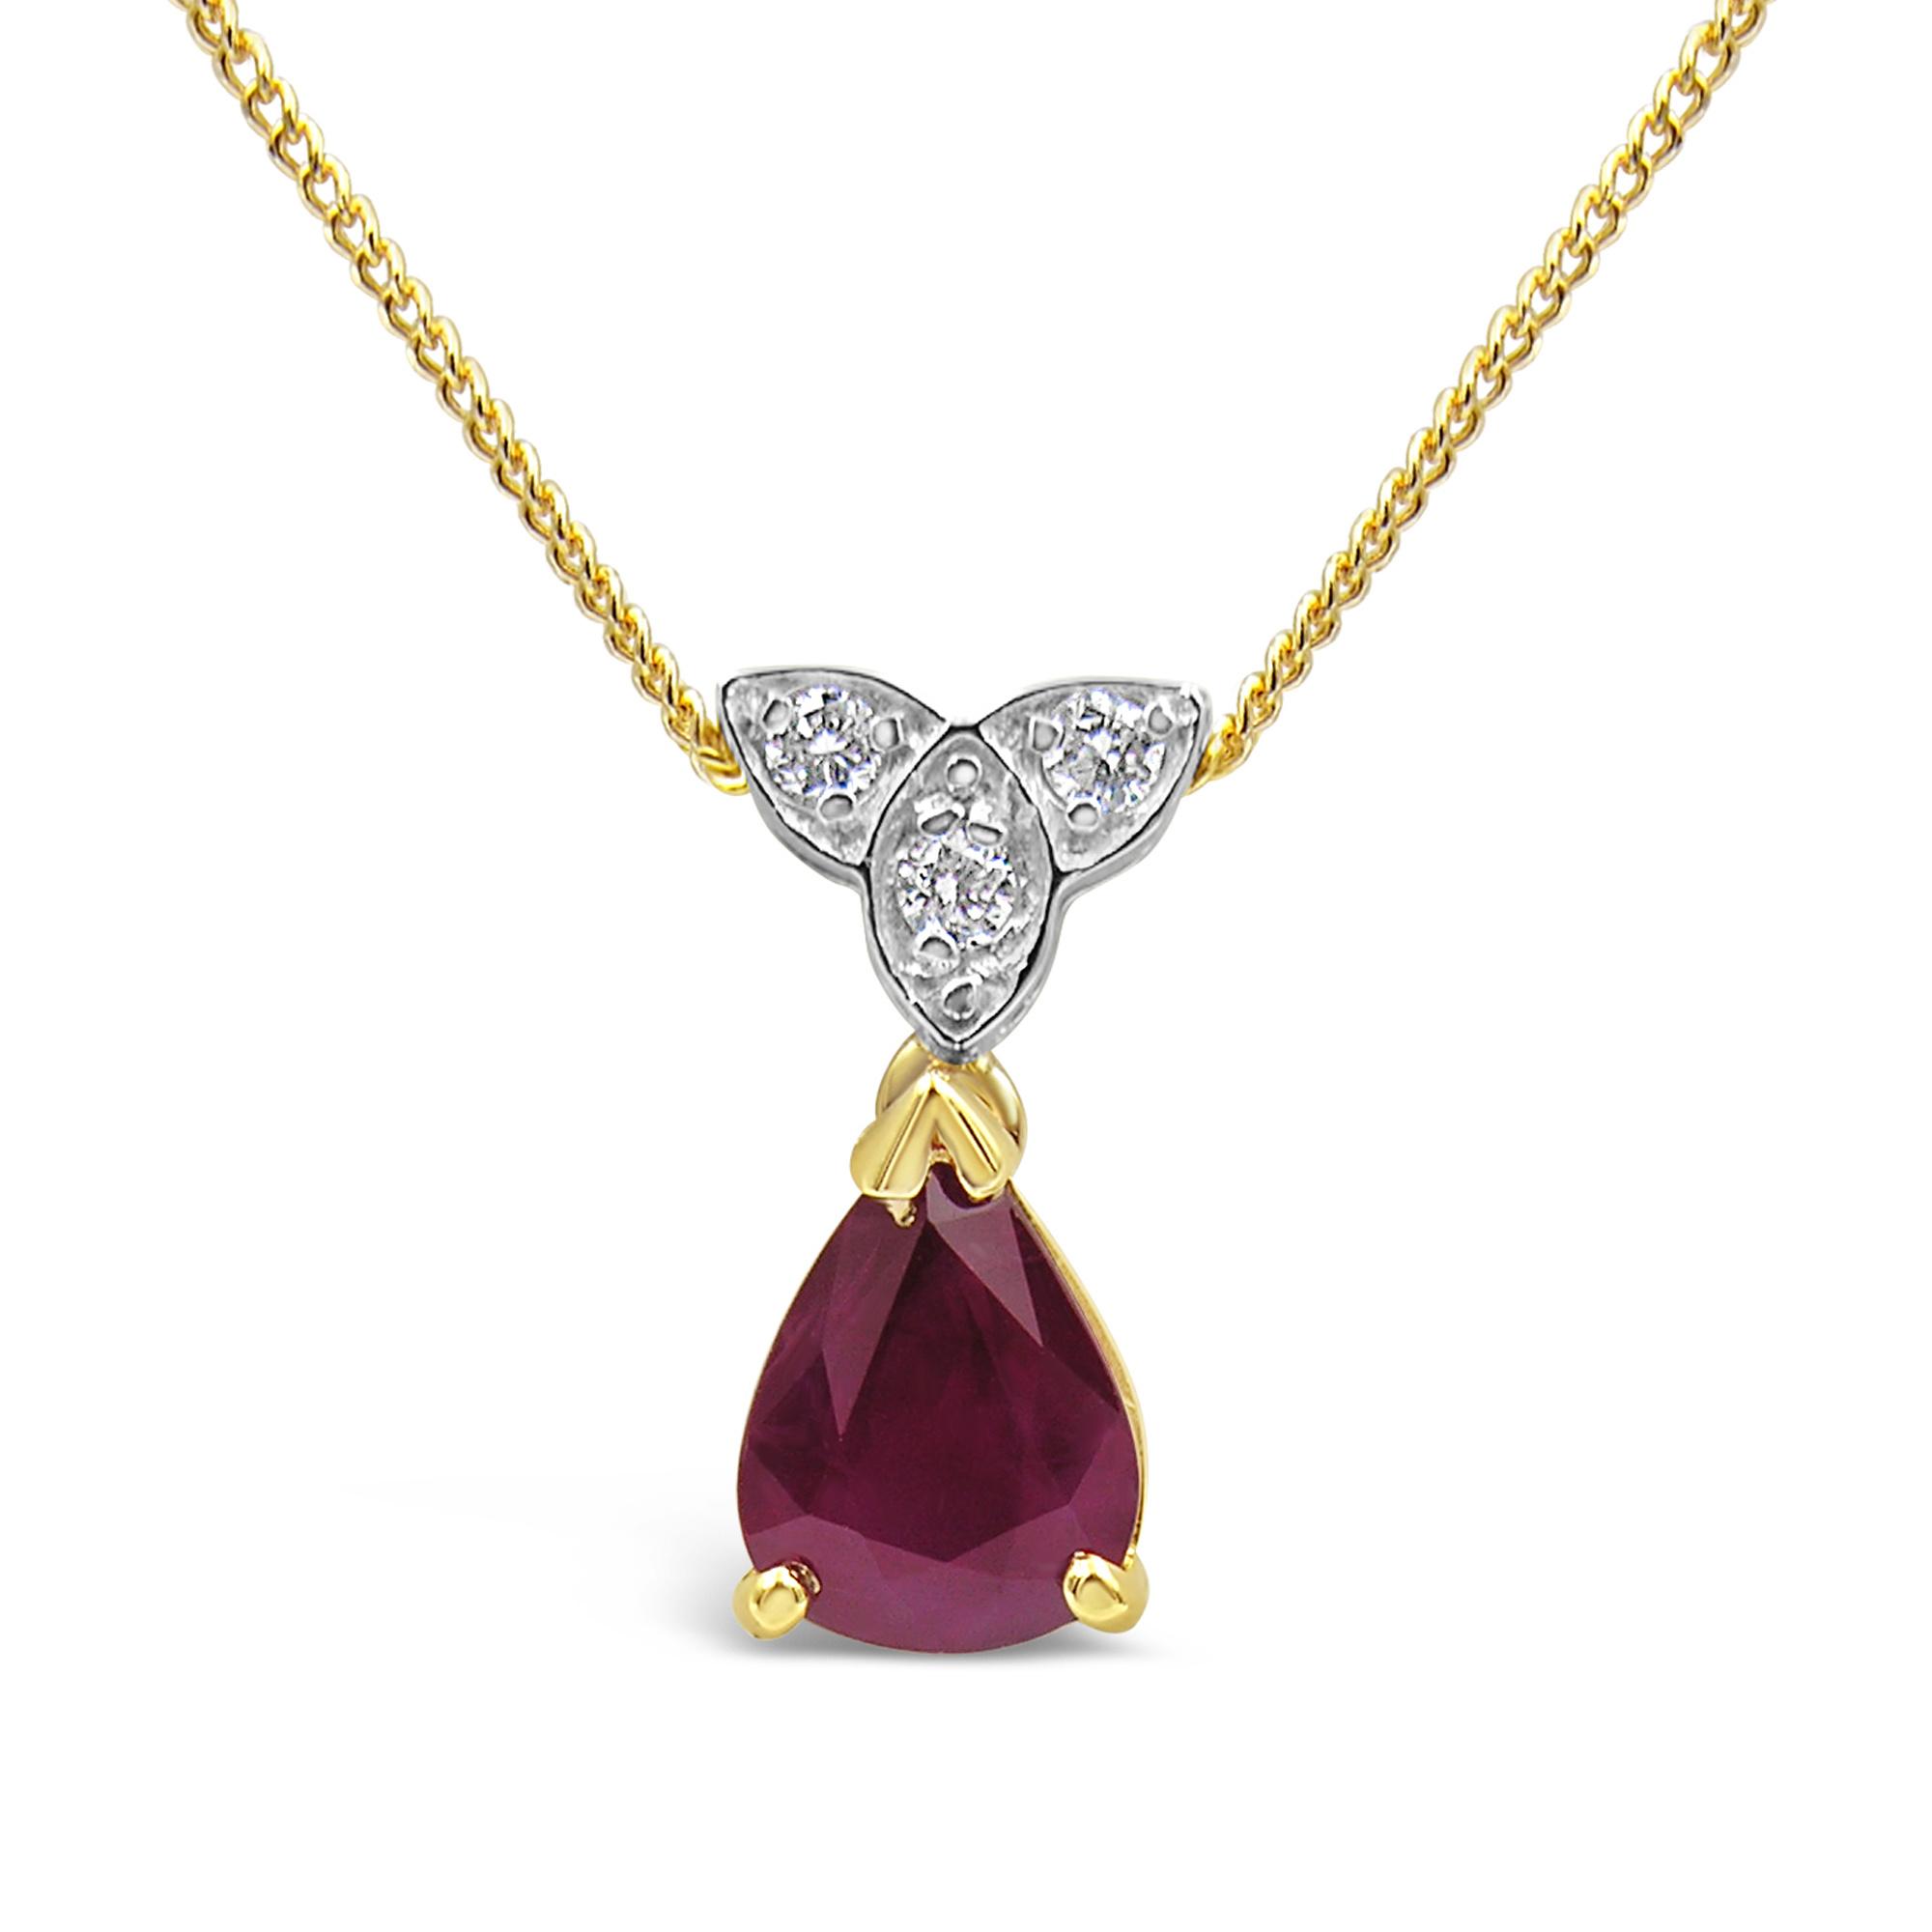 18 karaat geel & wit goud hanger met 0.06 ct diamanten & 0.75 ct robijn